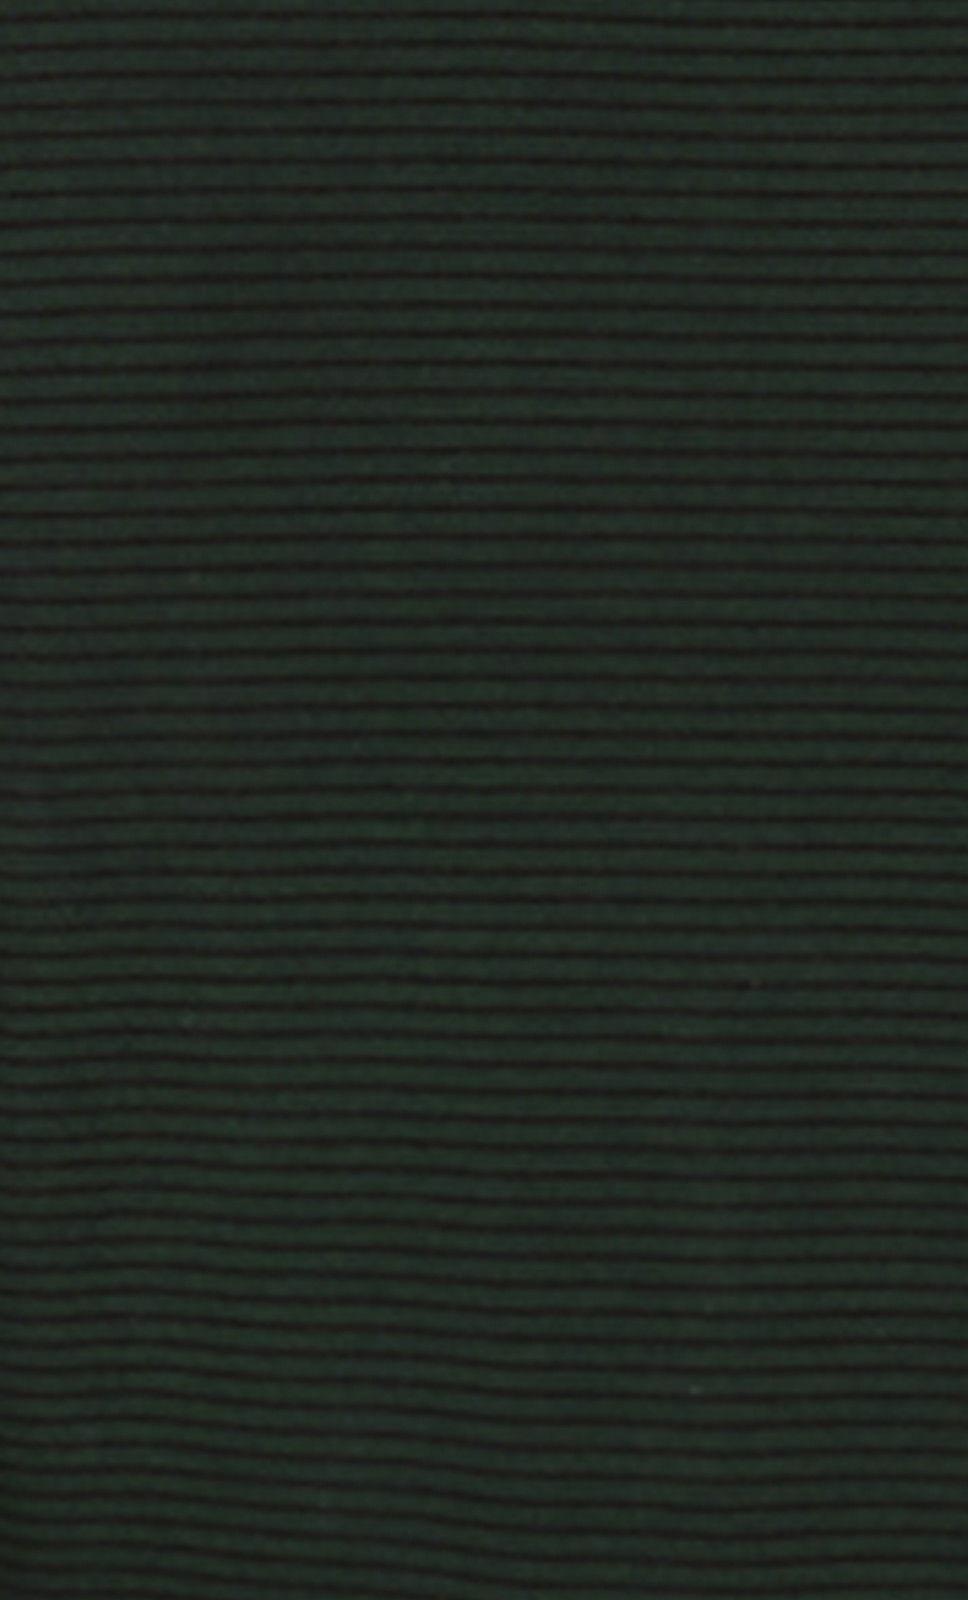 Fine-Stripe-Sycamore-Green